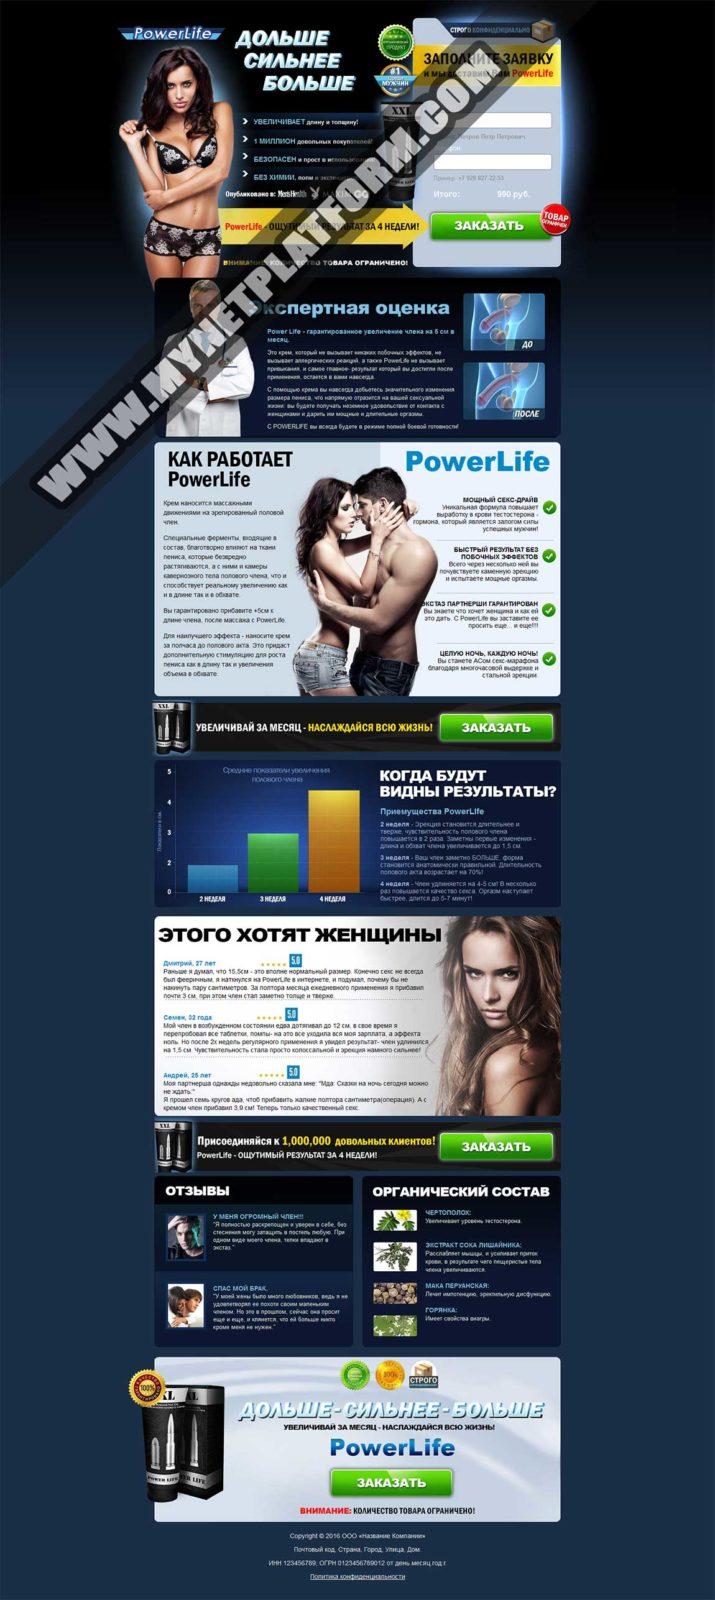 Скриншот лендинга Уникальный крем для увеличения члена PowerLife 001